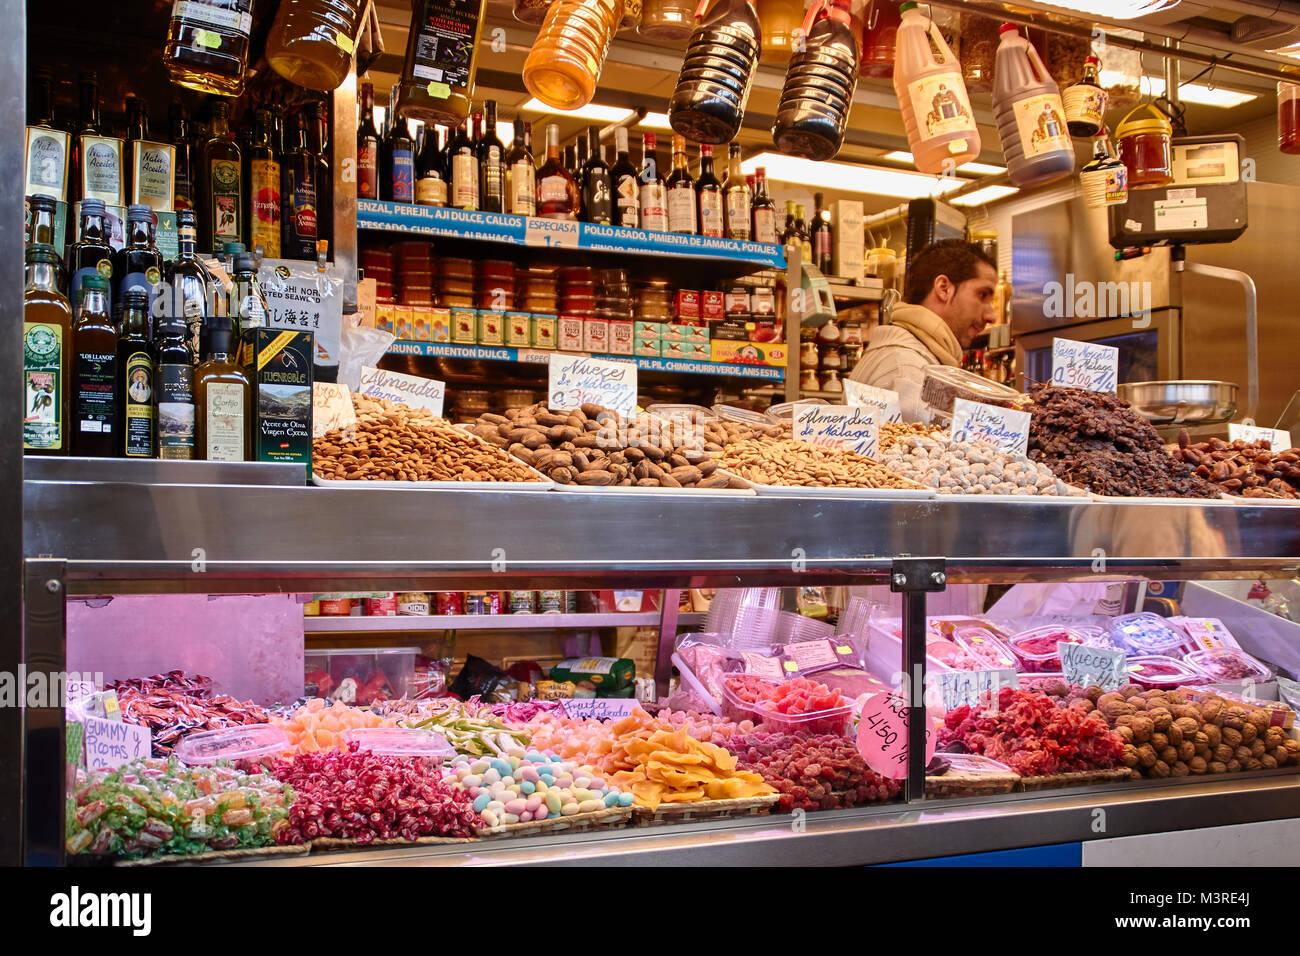 Málaga, Atarazanas Market Hall, Süßigkeiten, Nüsse und andere Spezialitäten Stockbild